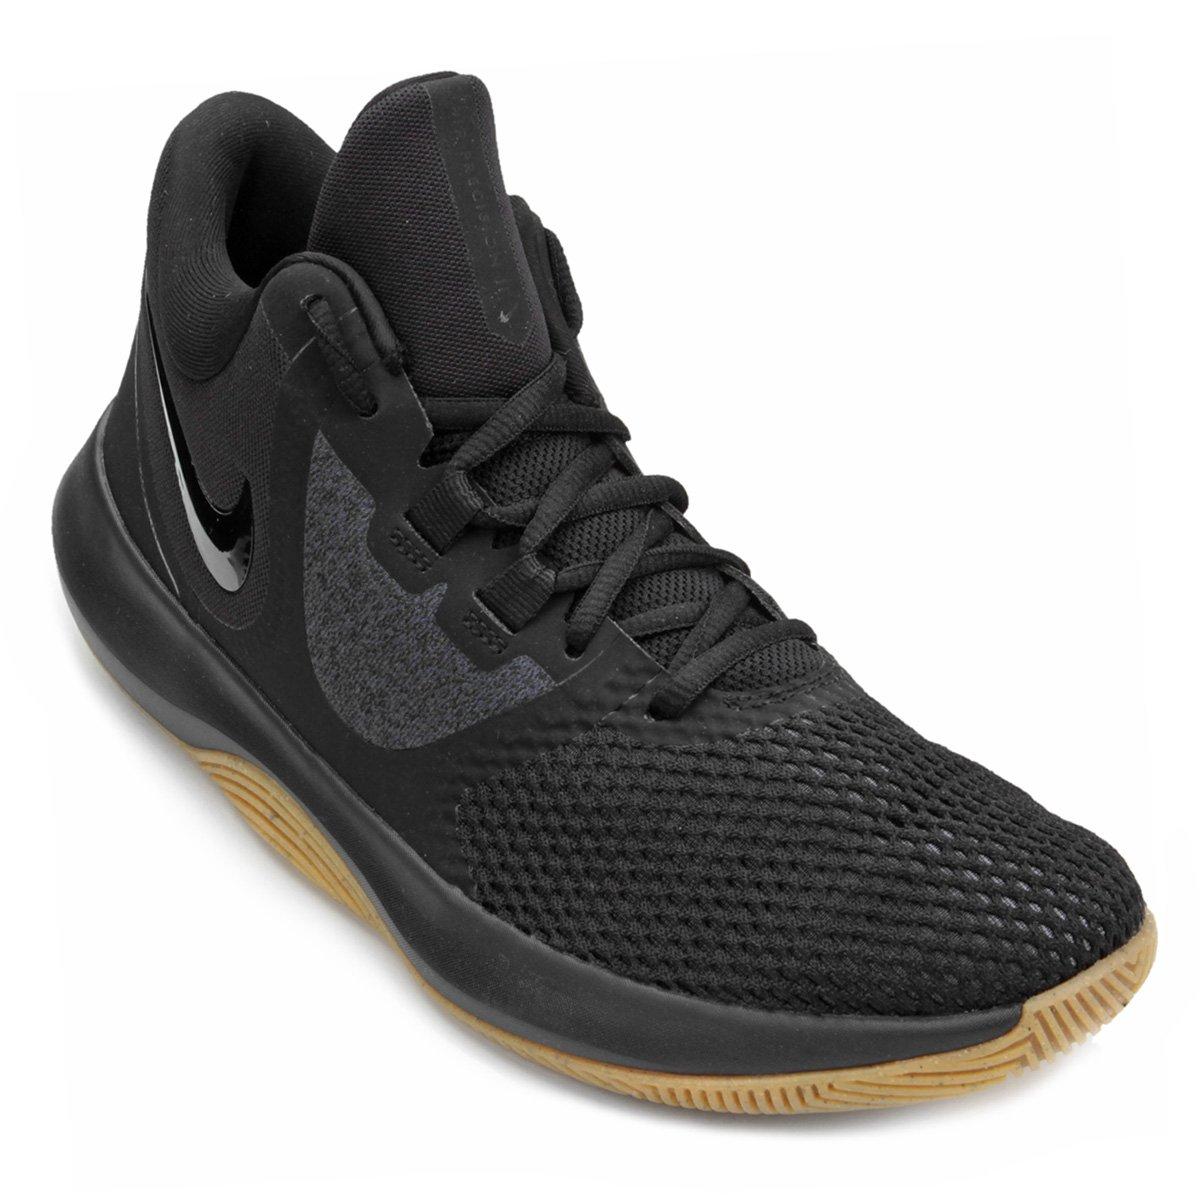 Tênis Nike Air Precision II Masculino - Preto e Bege - Compre Agora ... 7c64a96a544